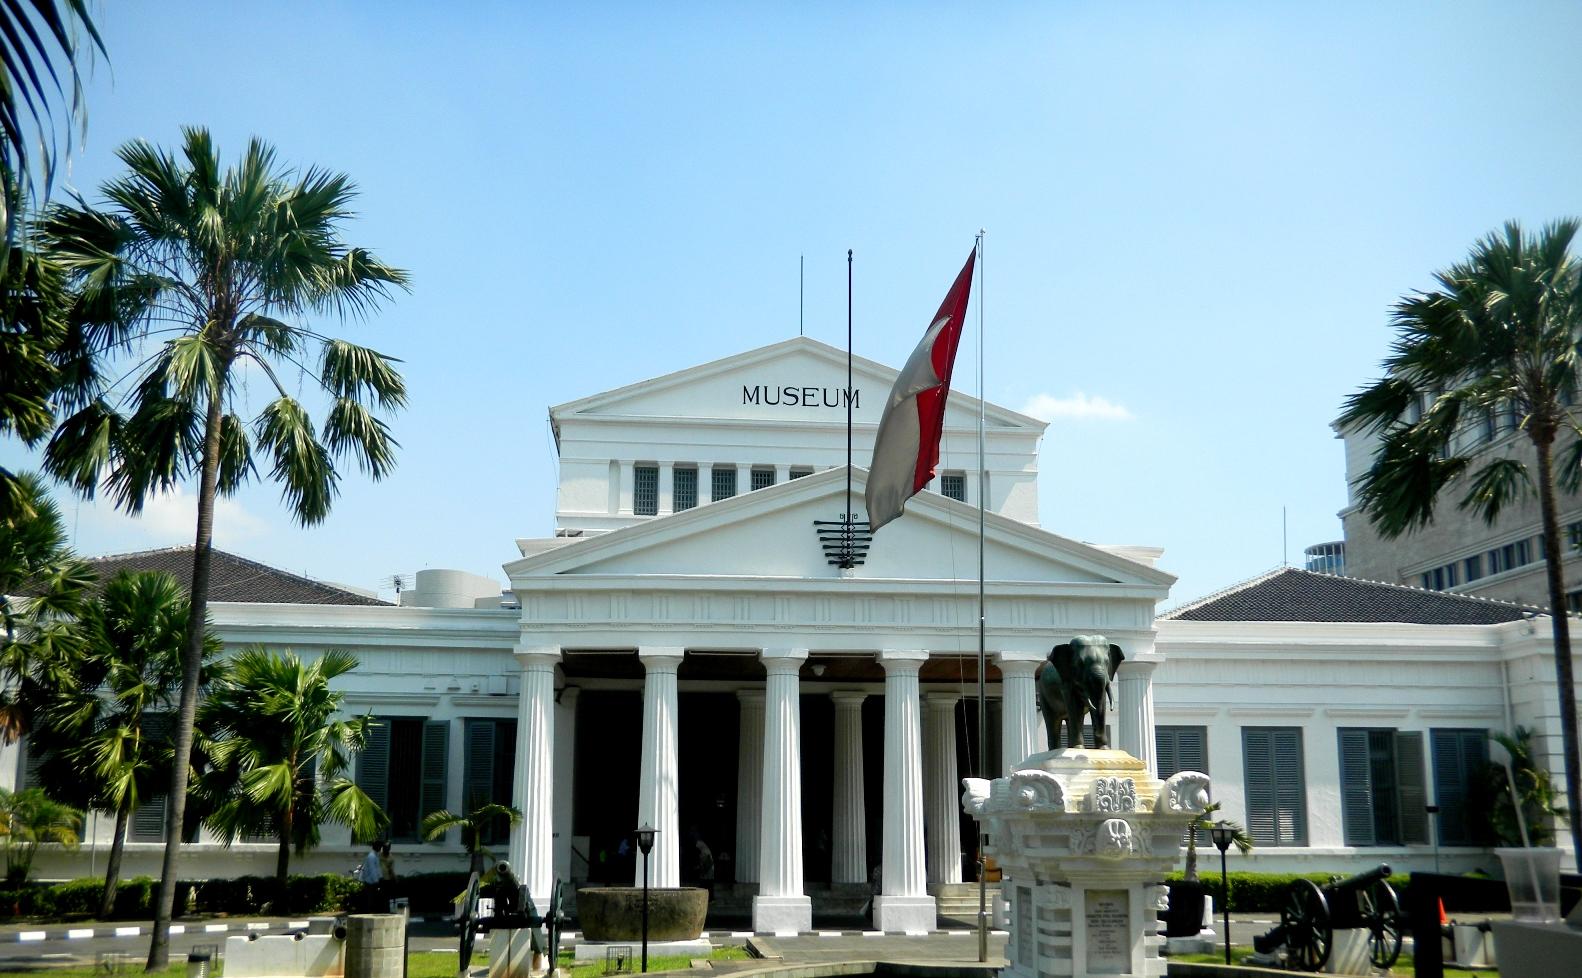 Tempat Wisata Edukatif Jakarta Freewaremini Museum Gajah Nasional Indonesia Kota